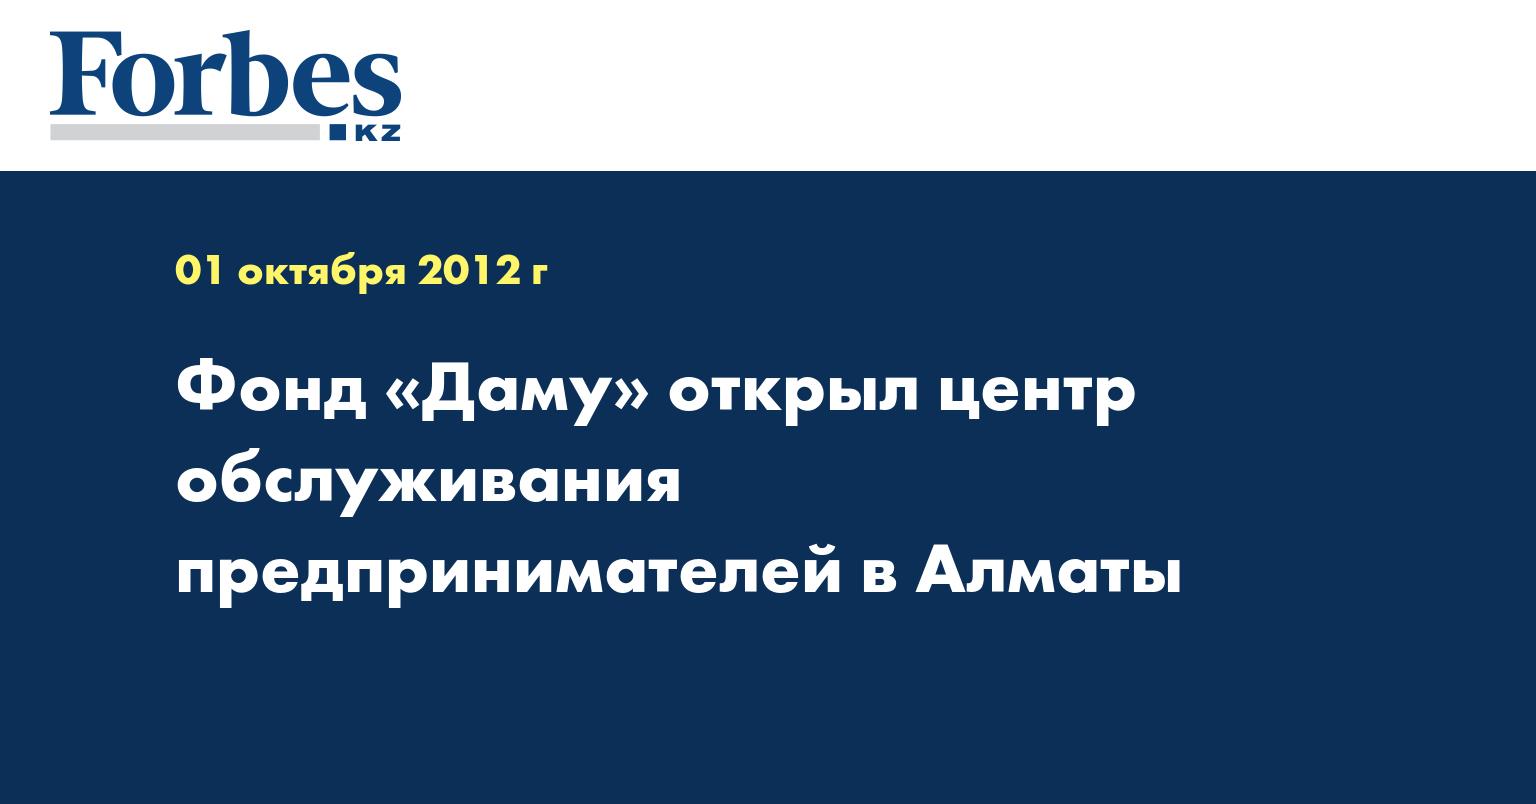 Фонд «Даму» открыл центр обслуживания предпринимателей в Алматы